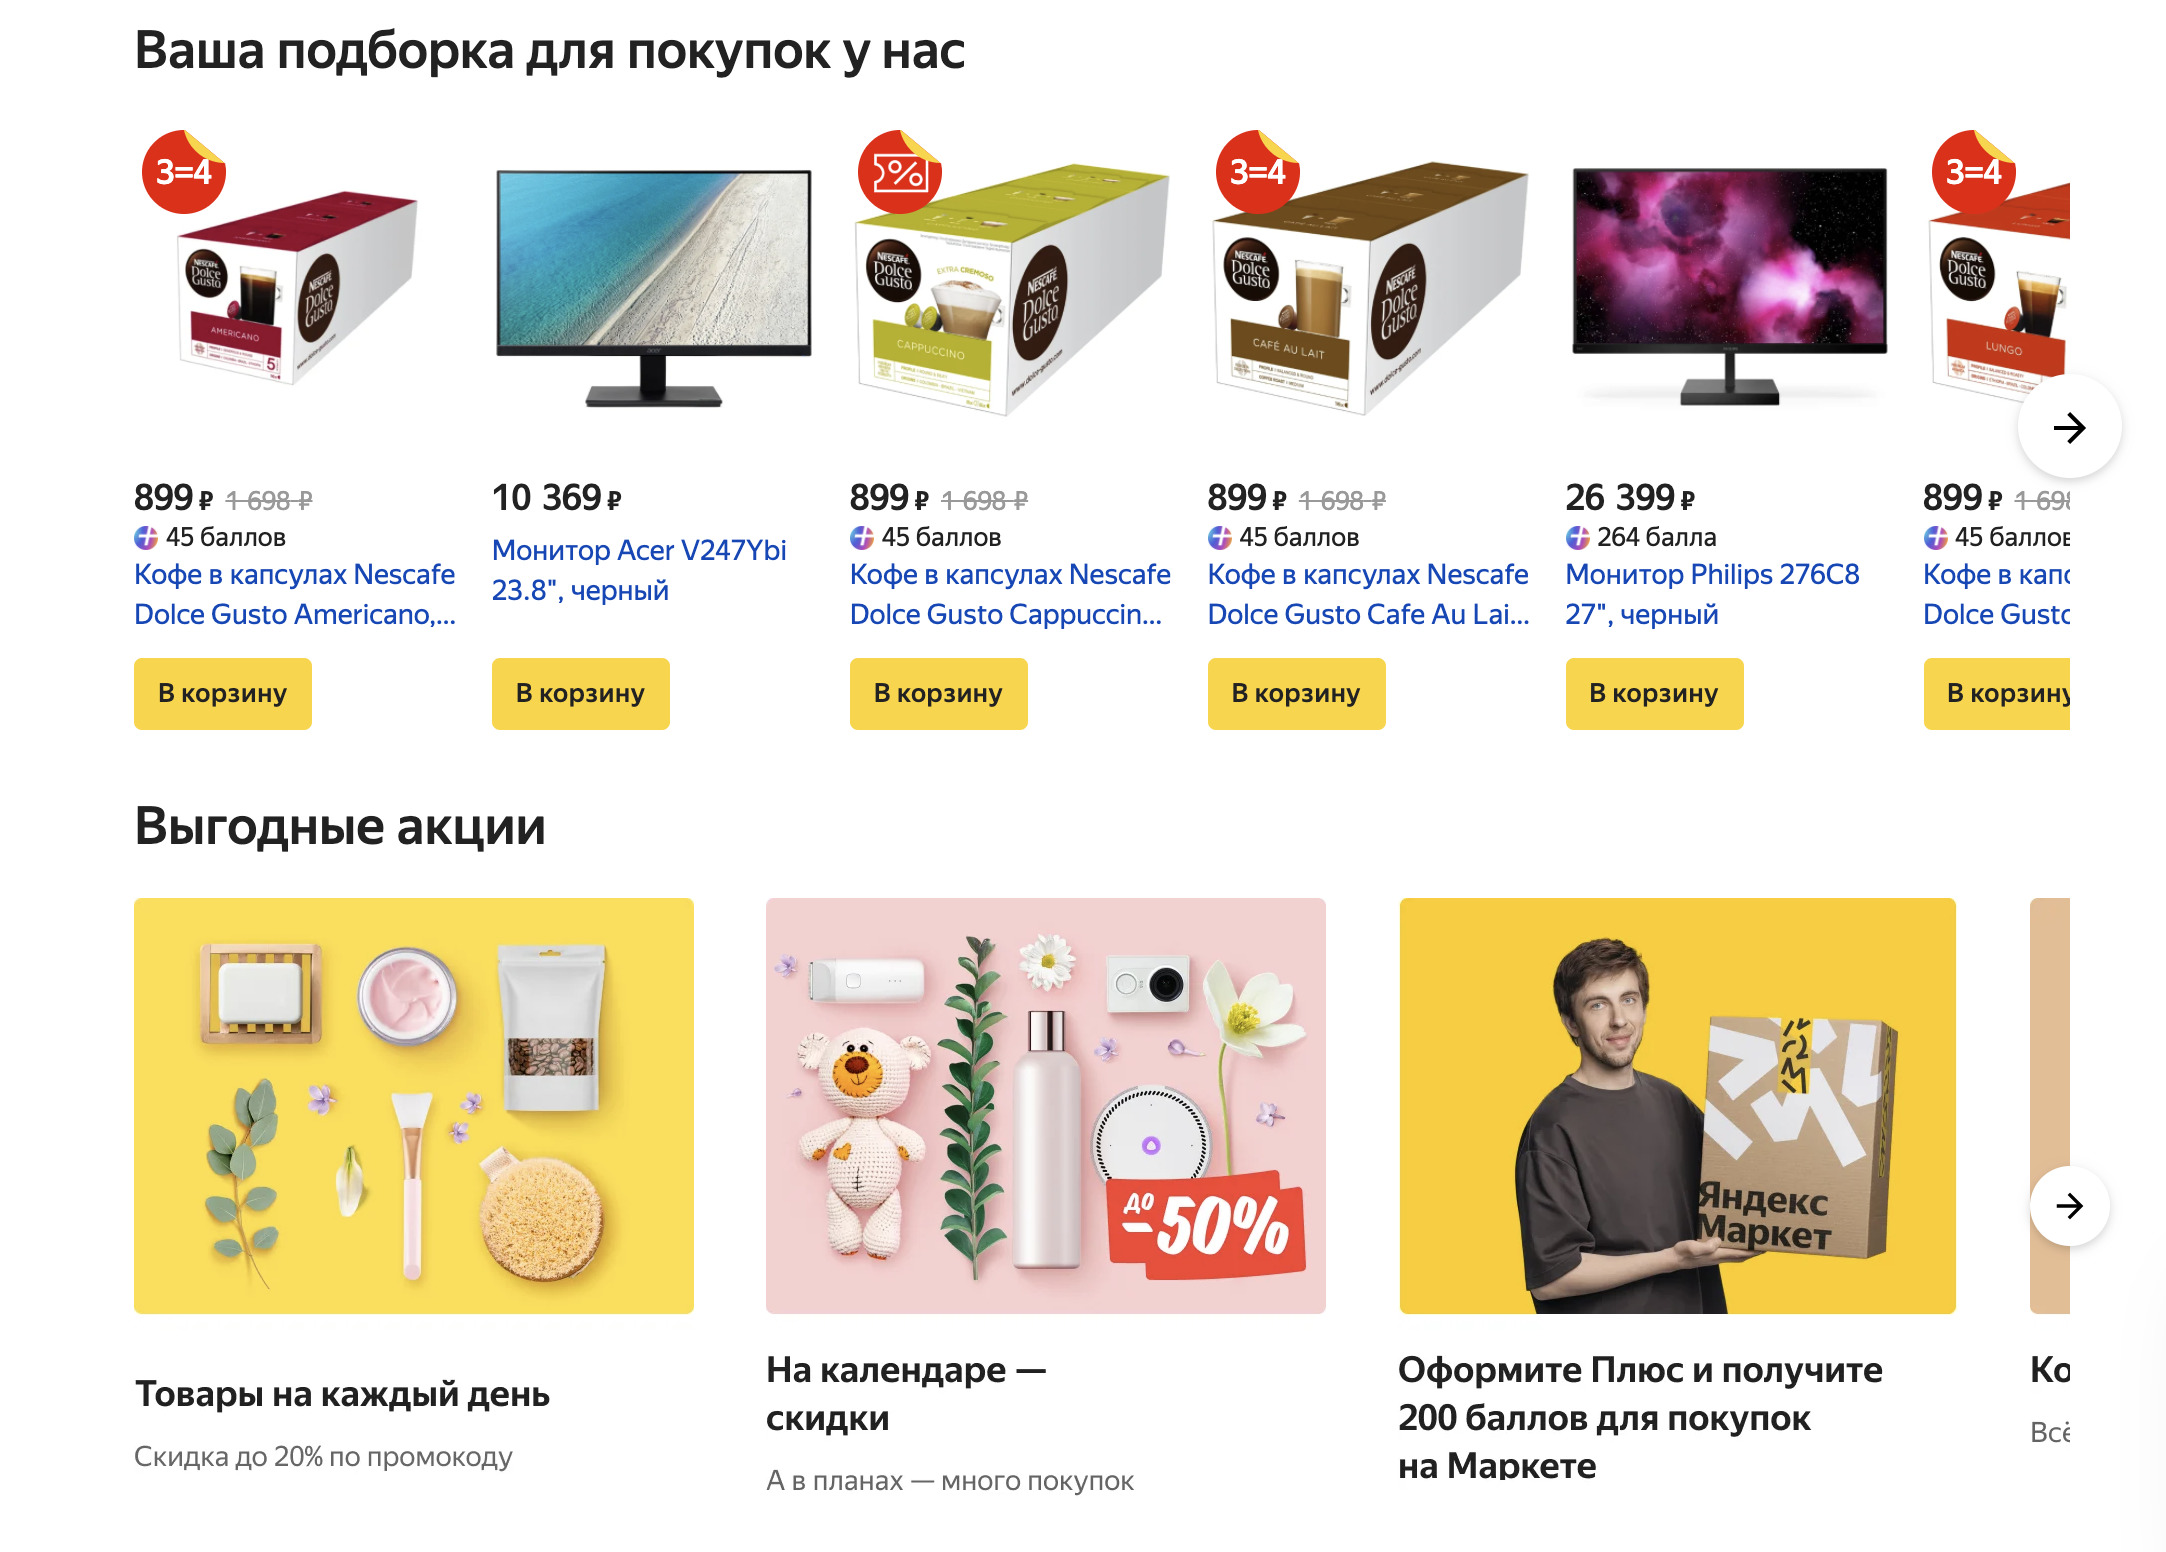 Доставка из Яндекс.Маркет в Вольск, сроки, пункты выдачи, каталог